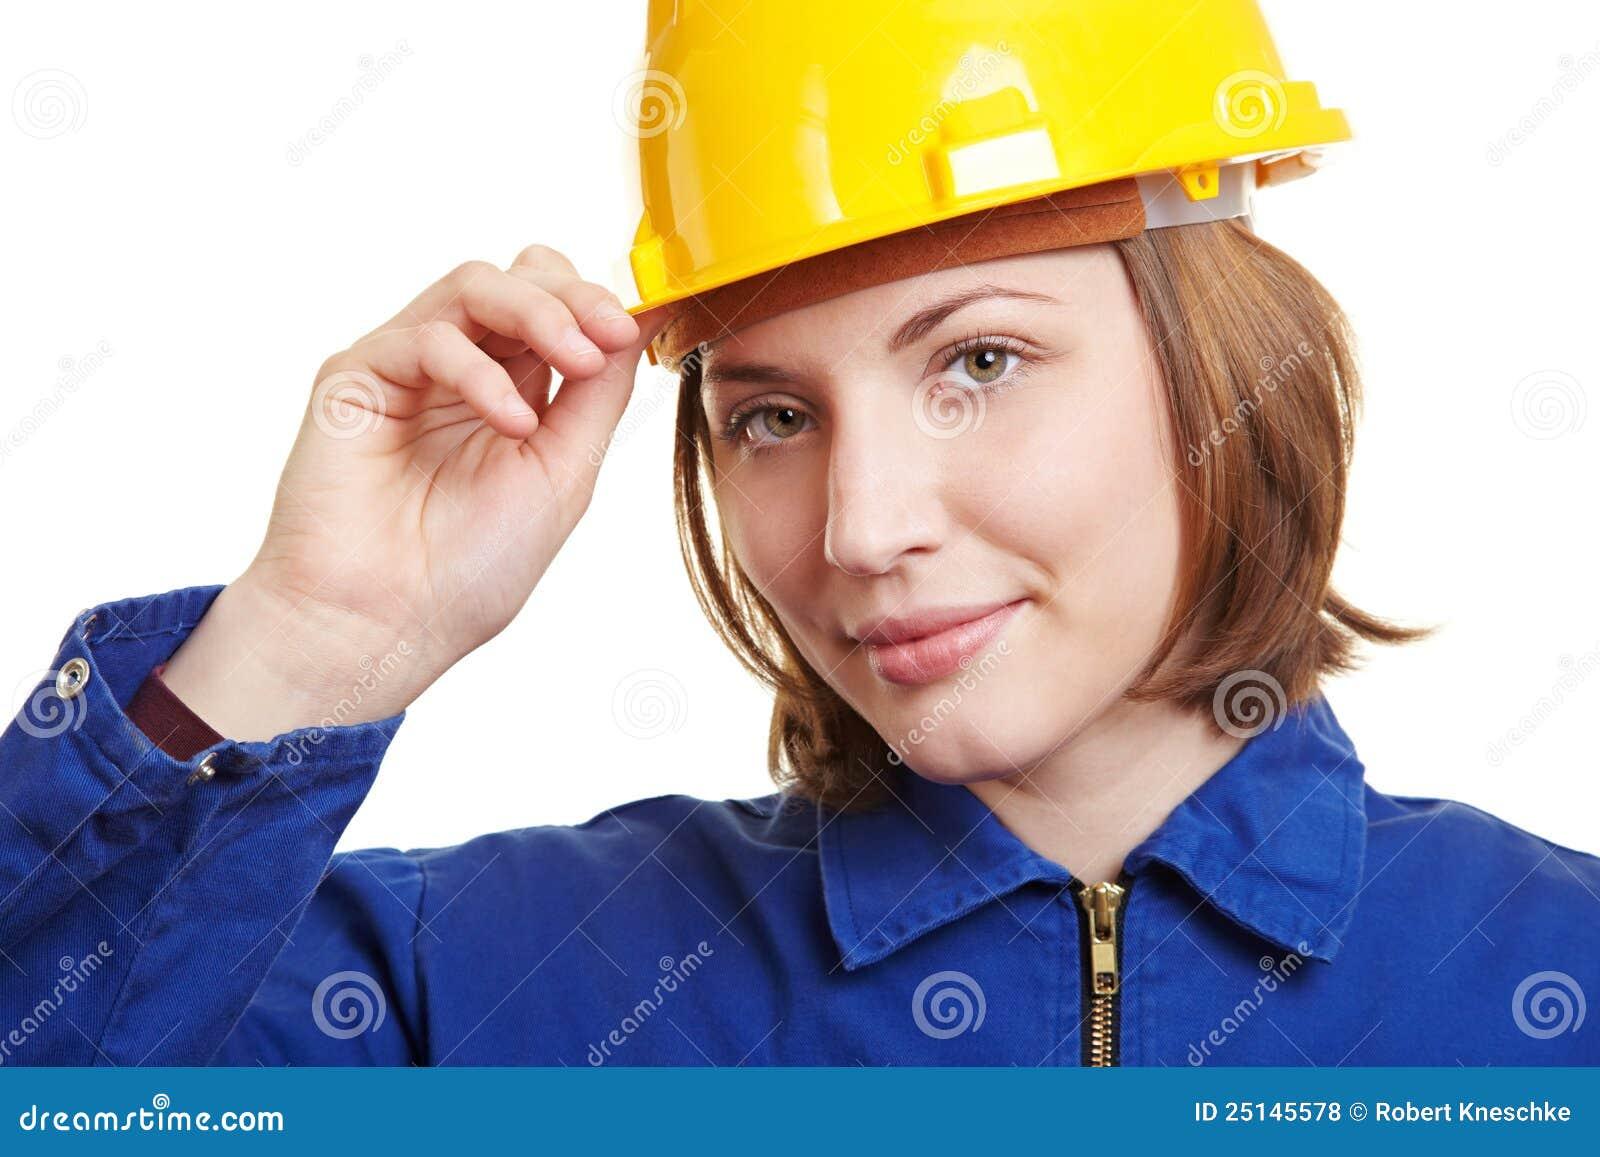 Craftswoman ασφάλεια τοποθέτησης